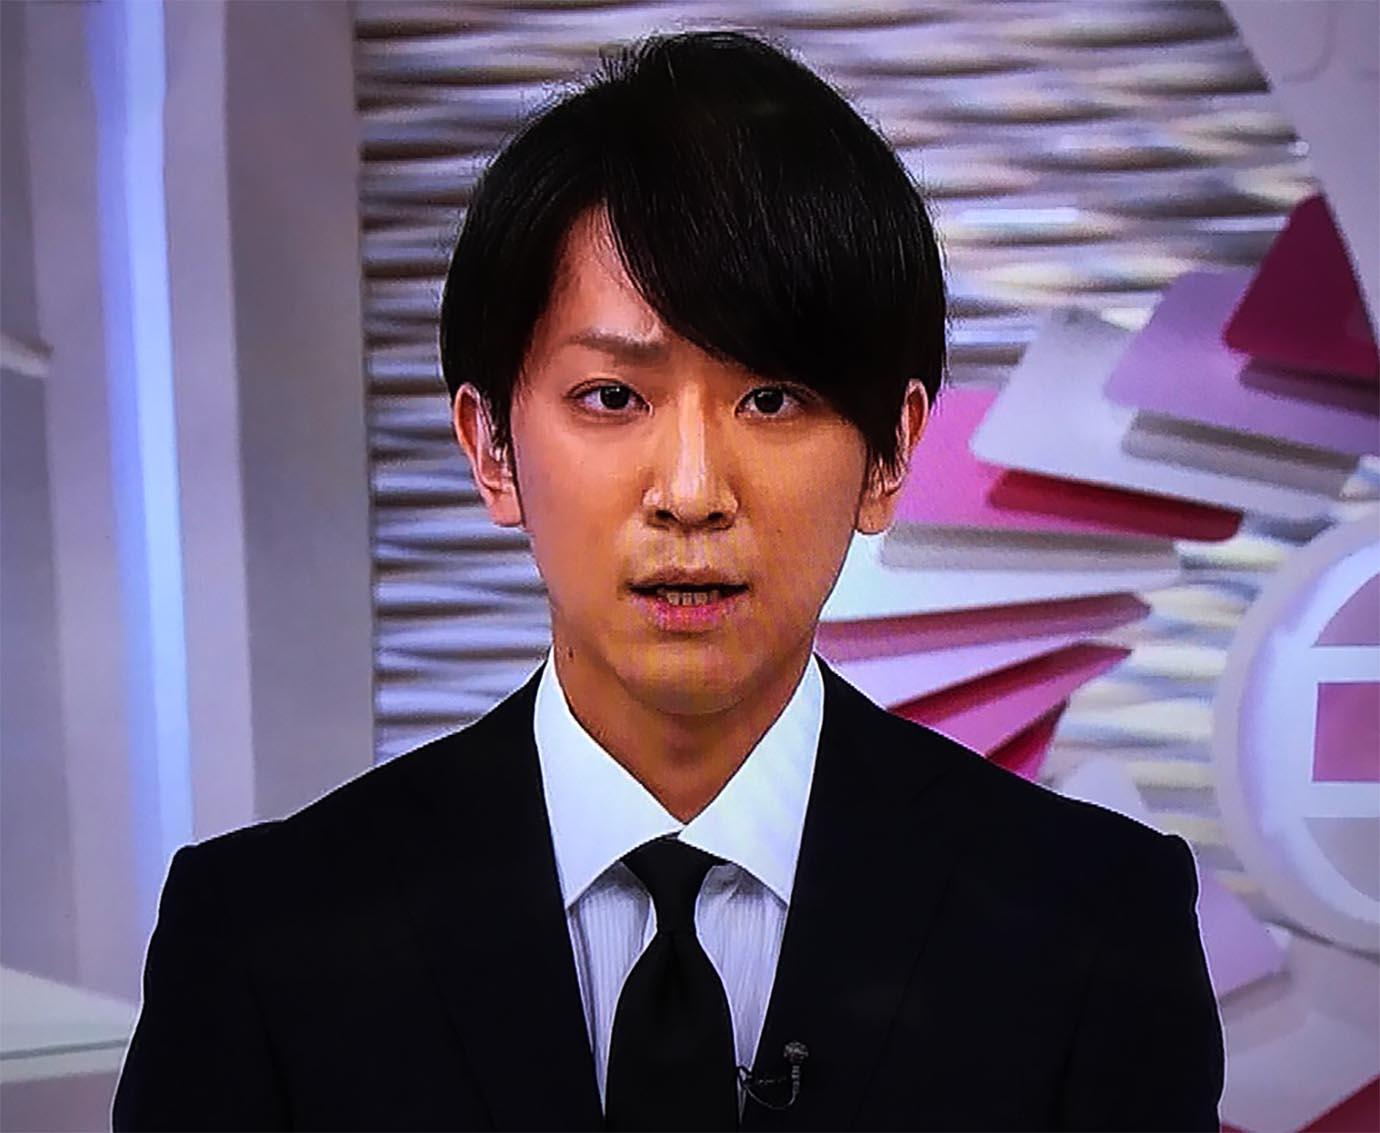 news1 - やっぱりジャニーズの対応は甘すぎる NEWS 小山・加藤への対応